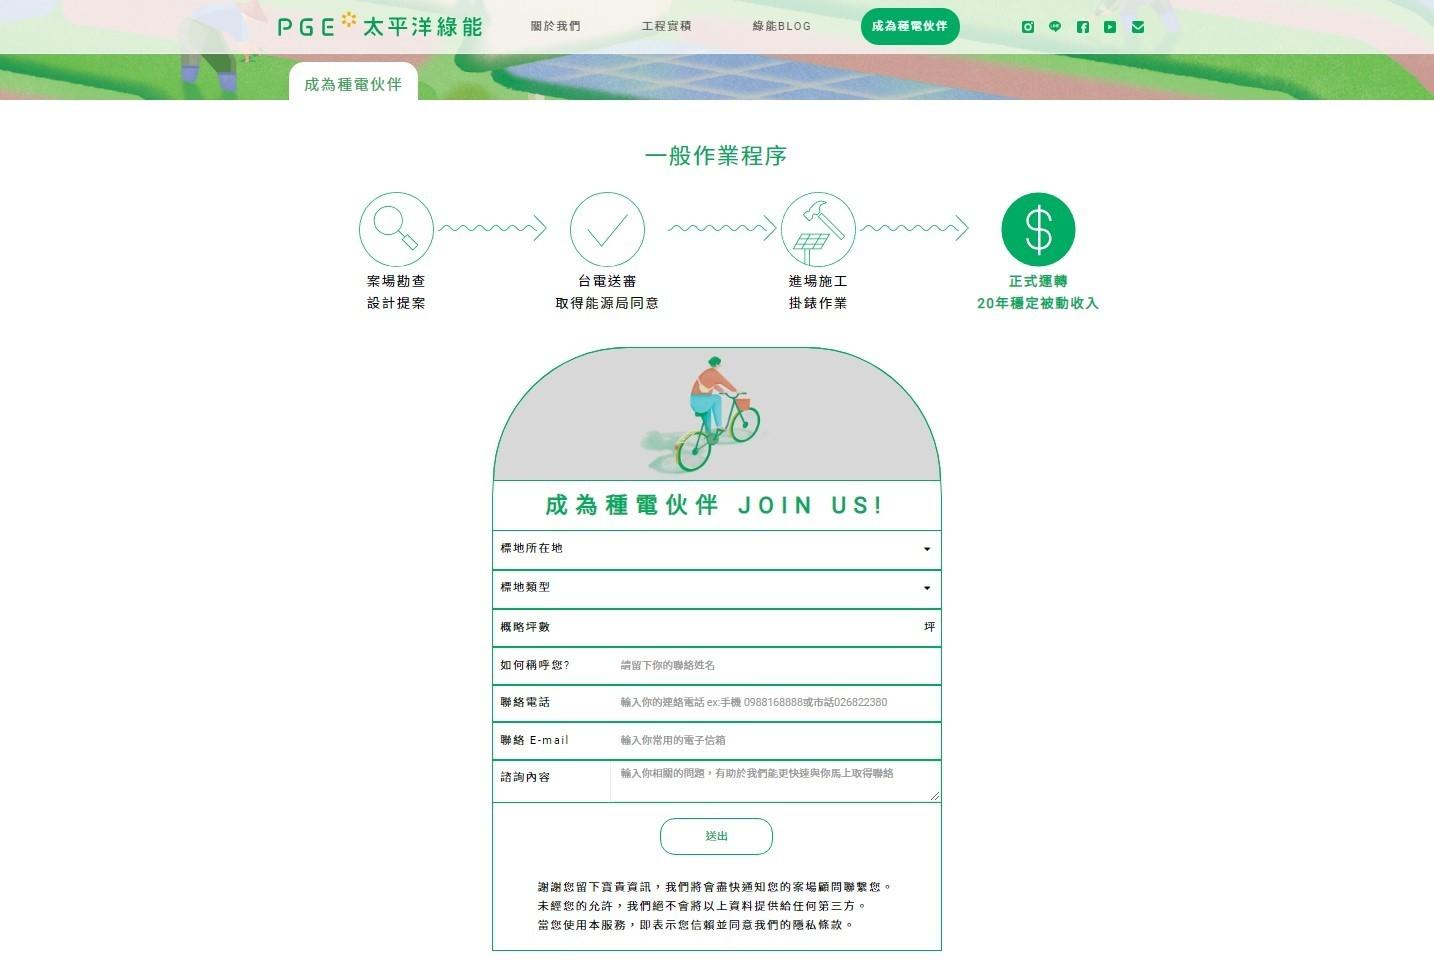 PGE太平洋綠能-客製化聯絡表單|鯊客科技SEO優化網頁設計公司